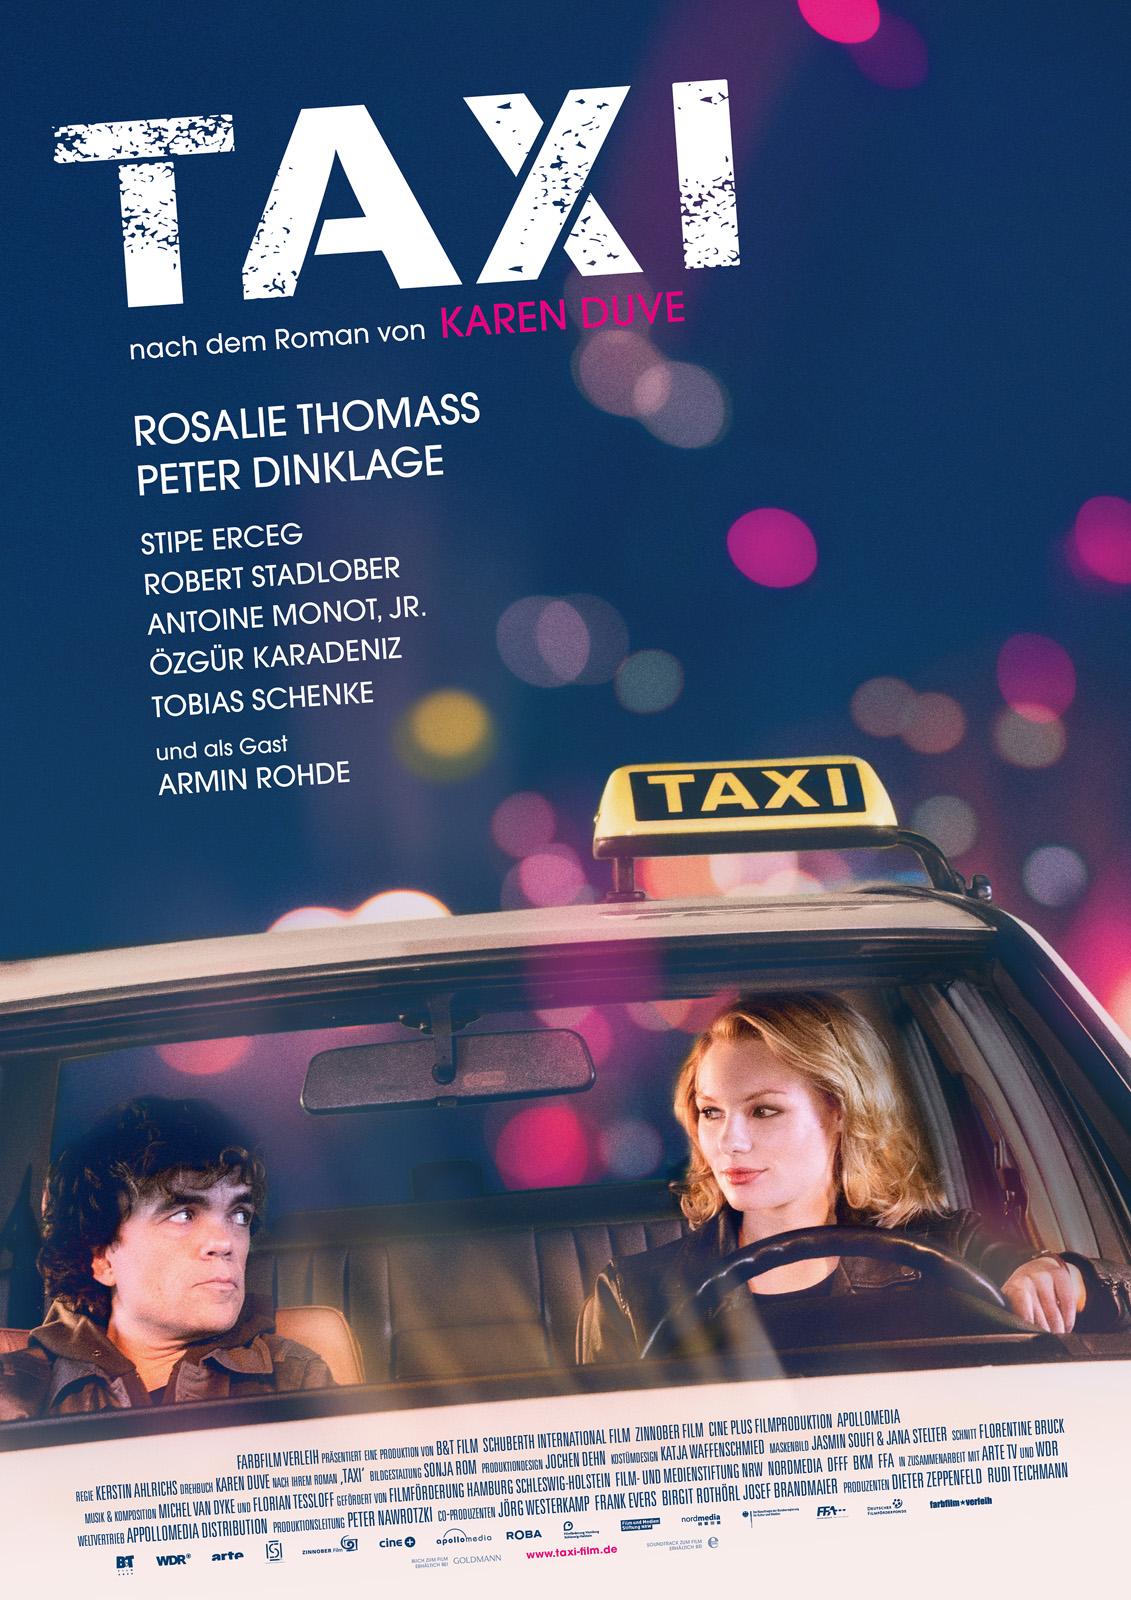 Taxi Taxi Film